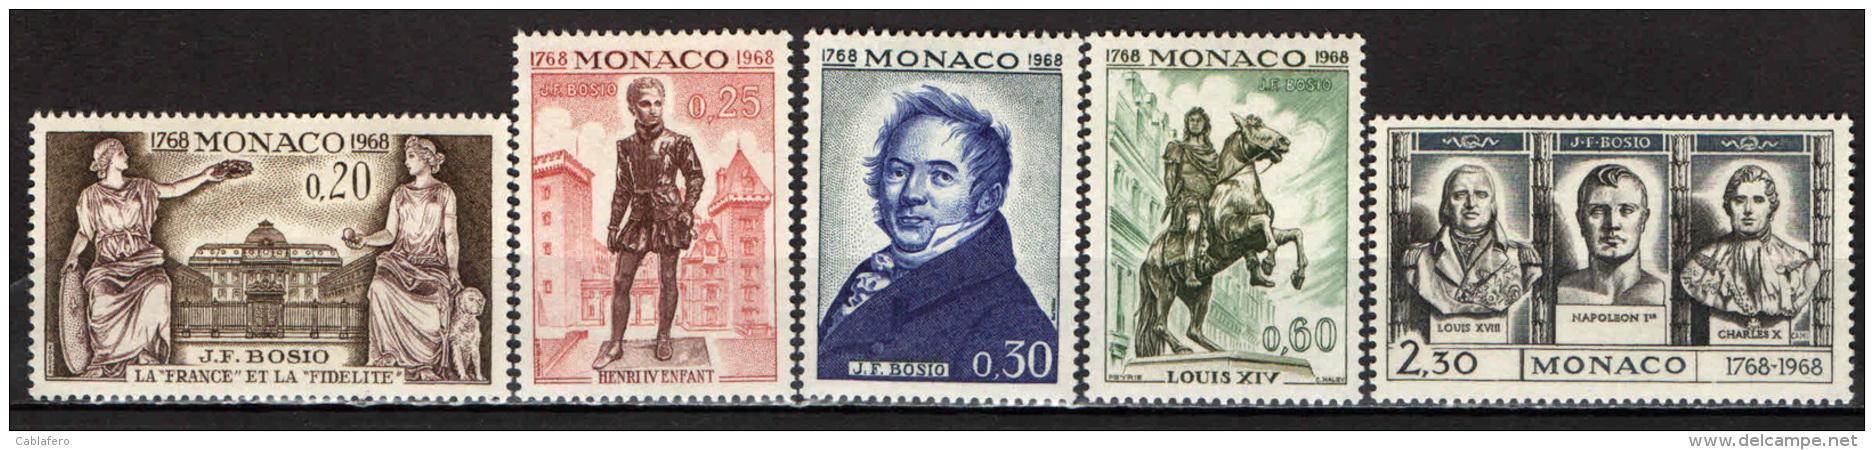 MONACO - 1968 - BICENTENARIO DELLA NASCITA DI J. F. BOSIO - SCULTORE - NUOVI MNH - Neufs